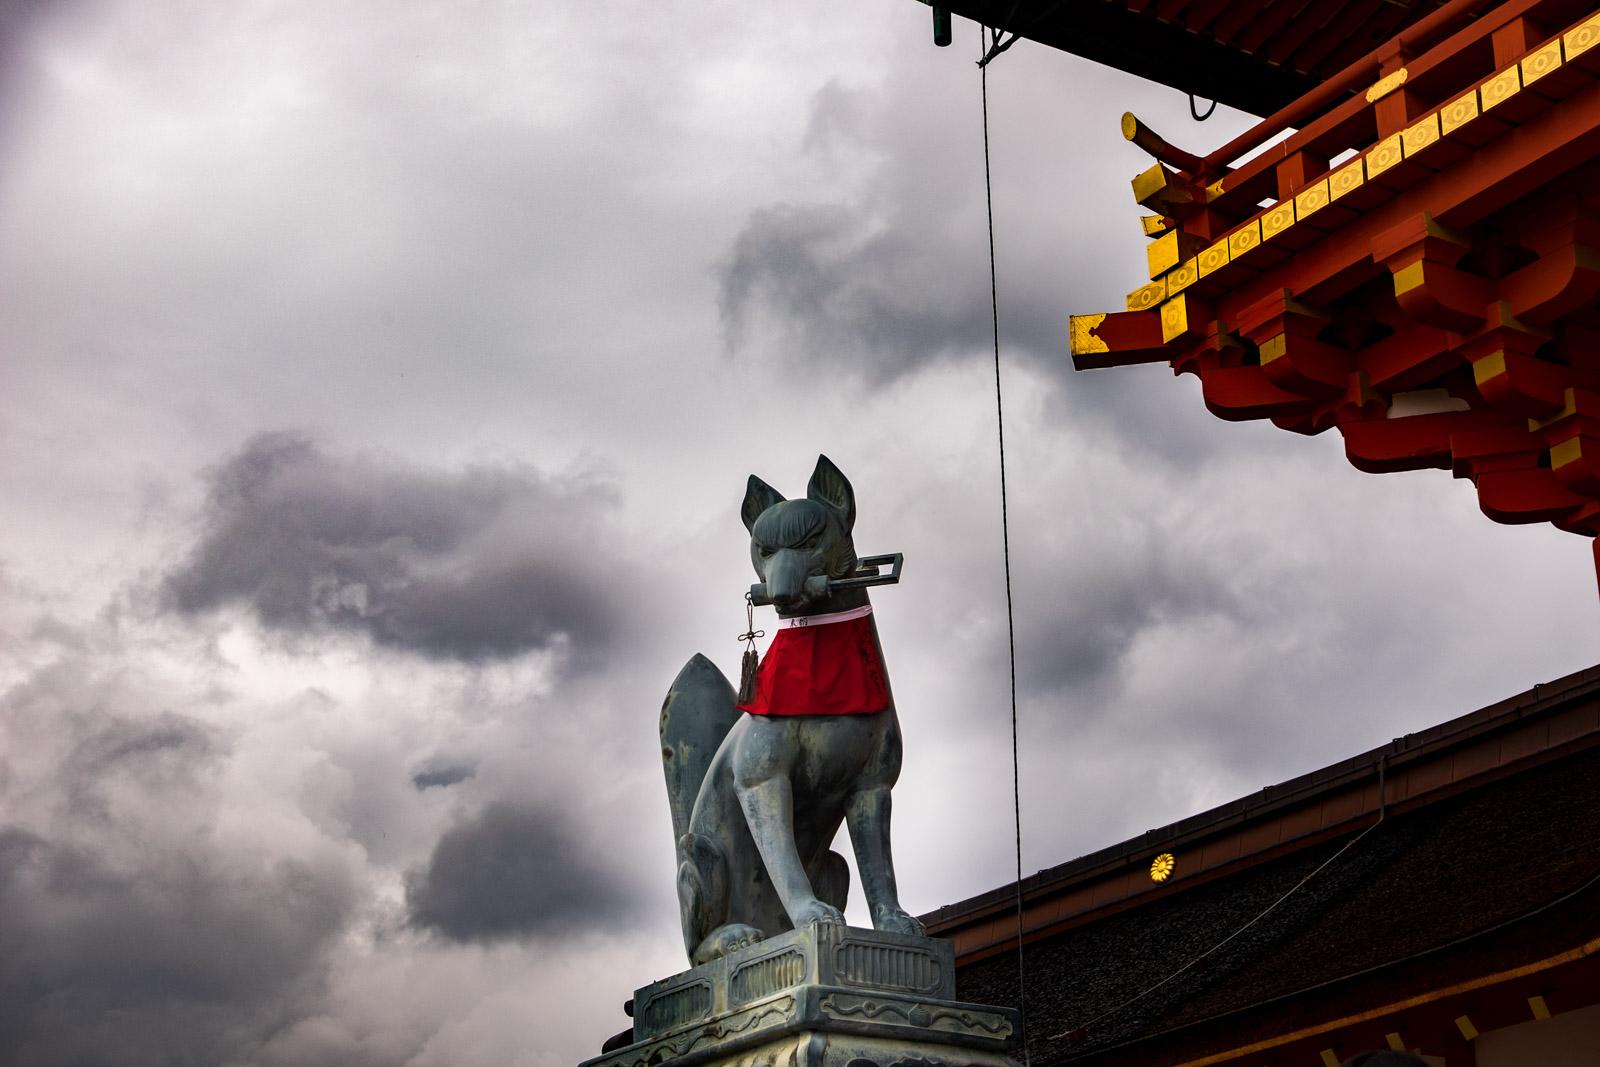 Inari-Taisha